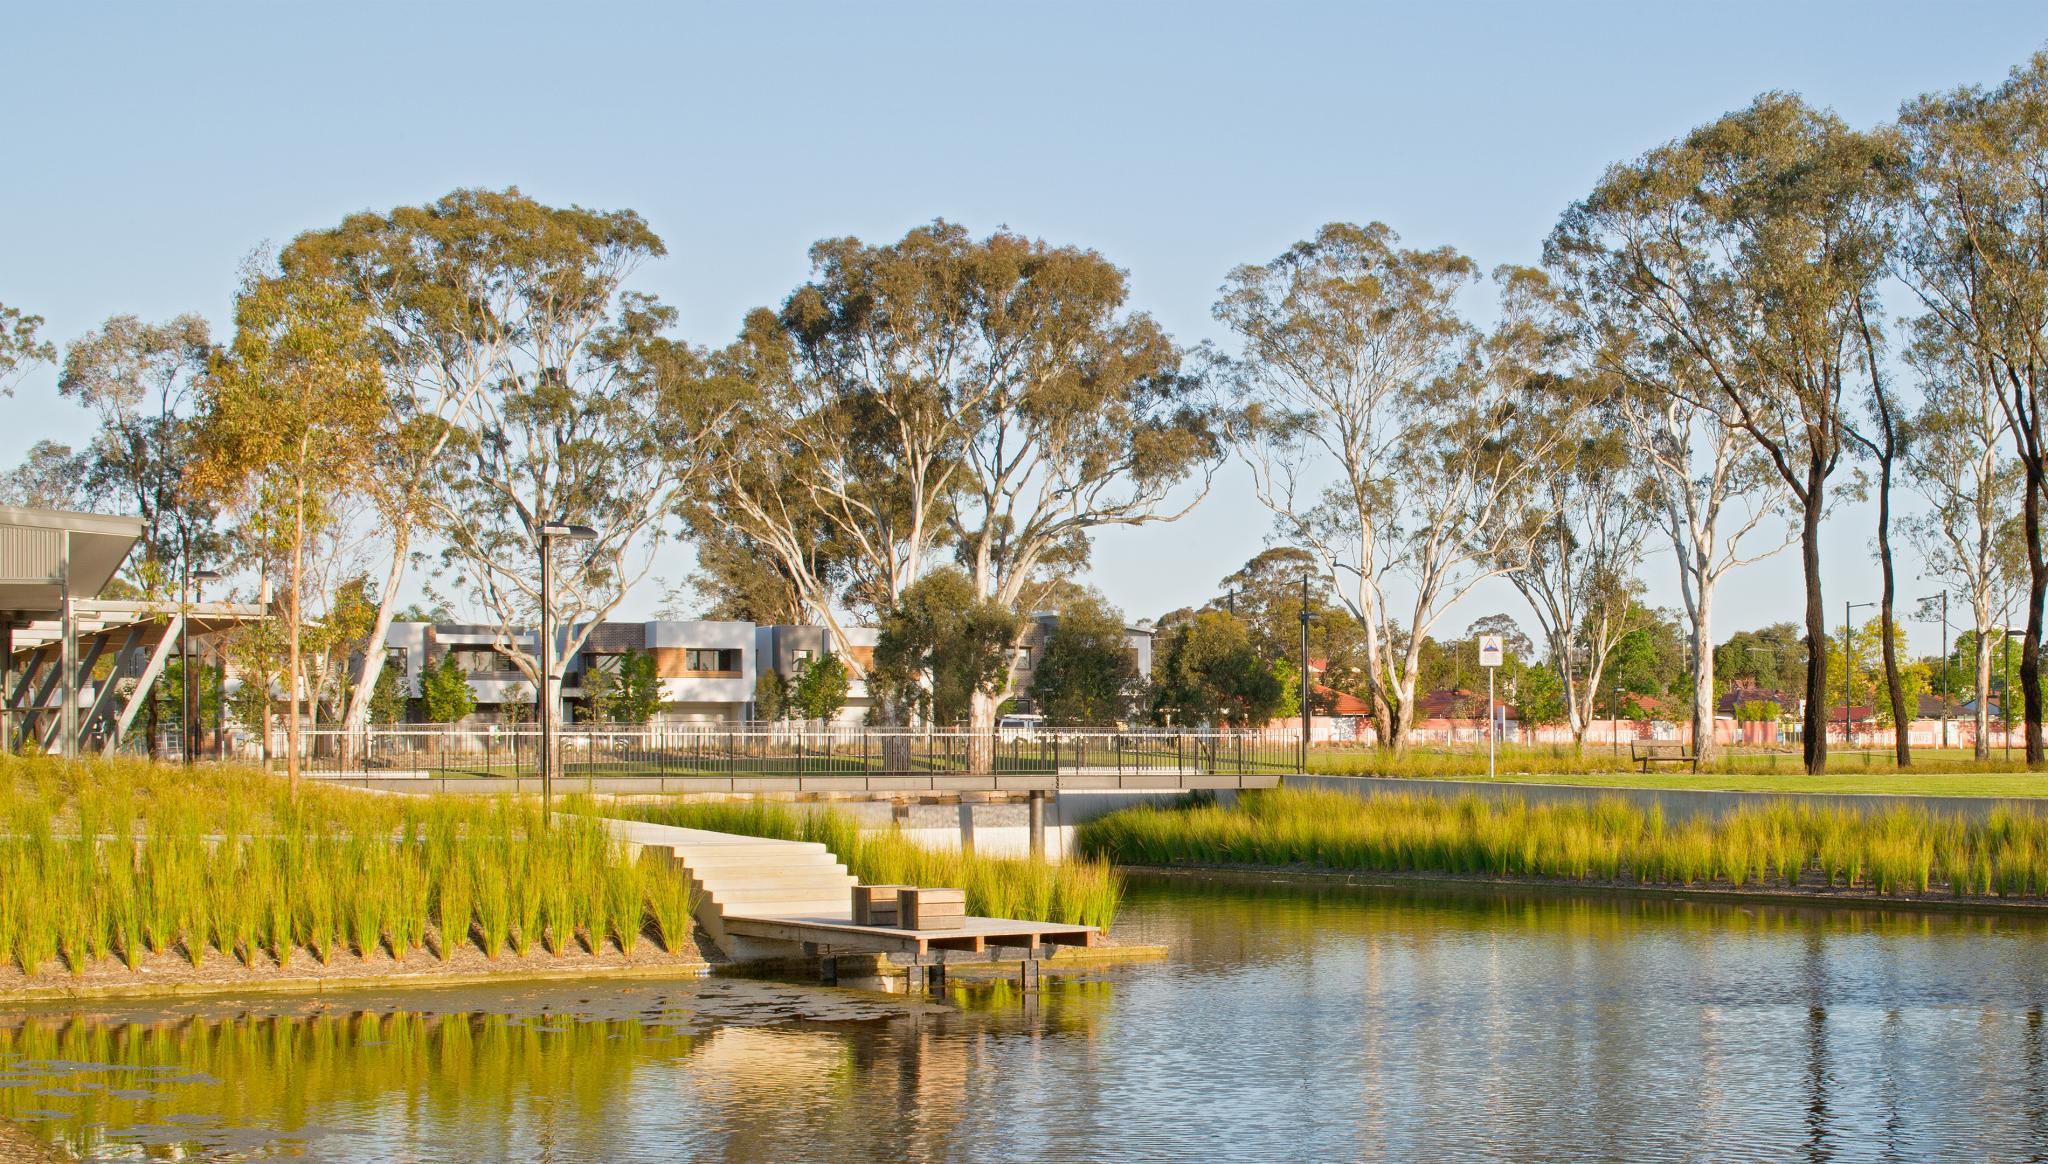 Fairwater Community Park